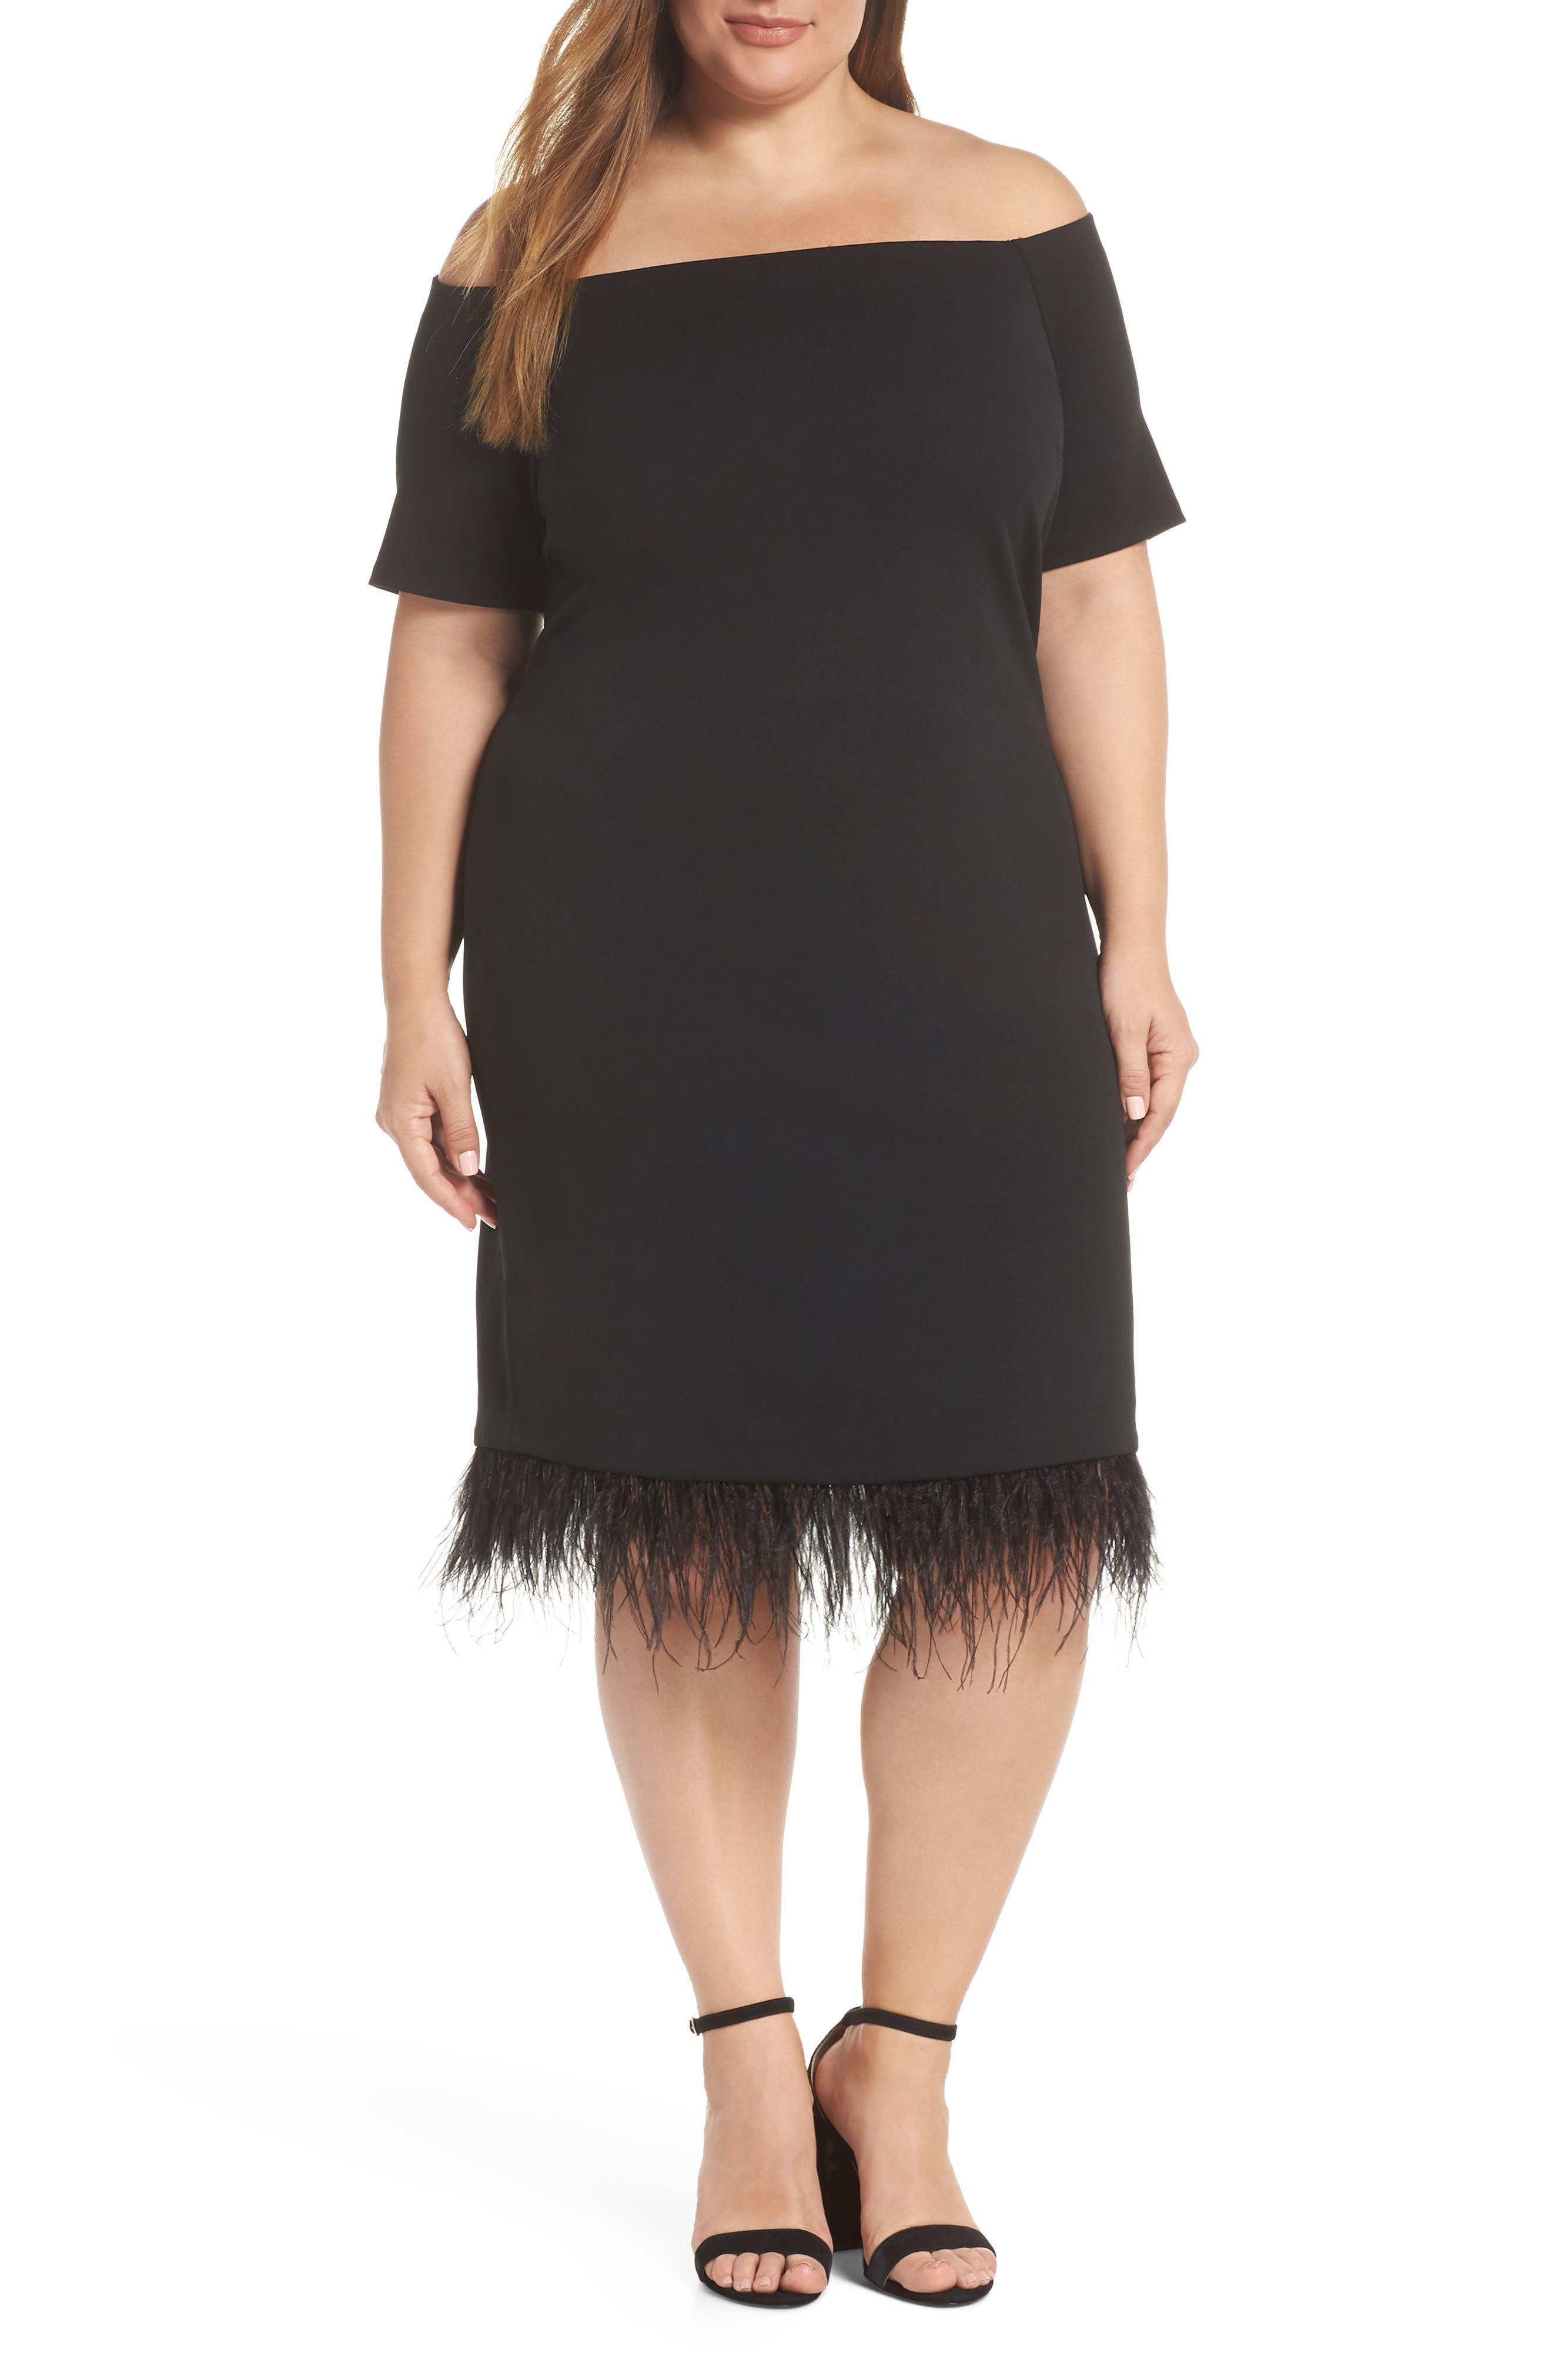 Plus Size Vince Camuto Feather Trim Sheath Dress, Black